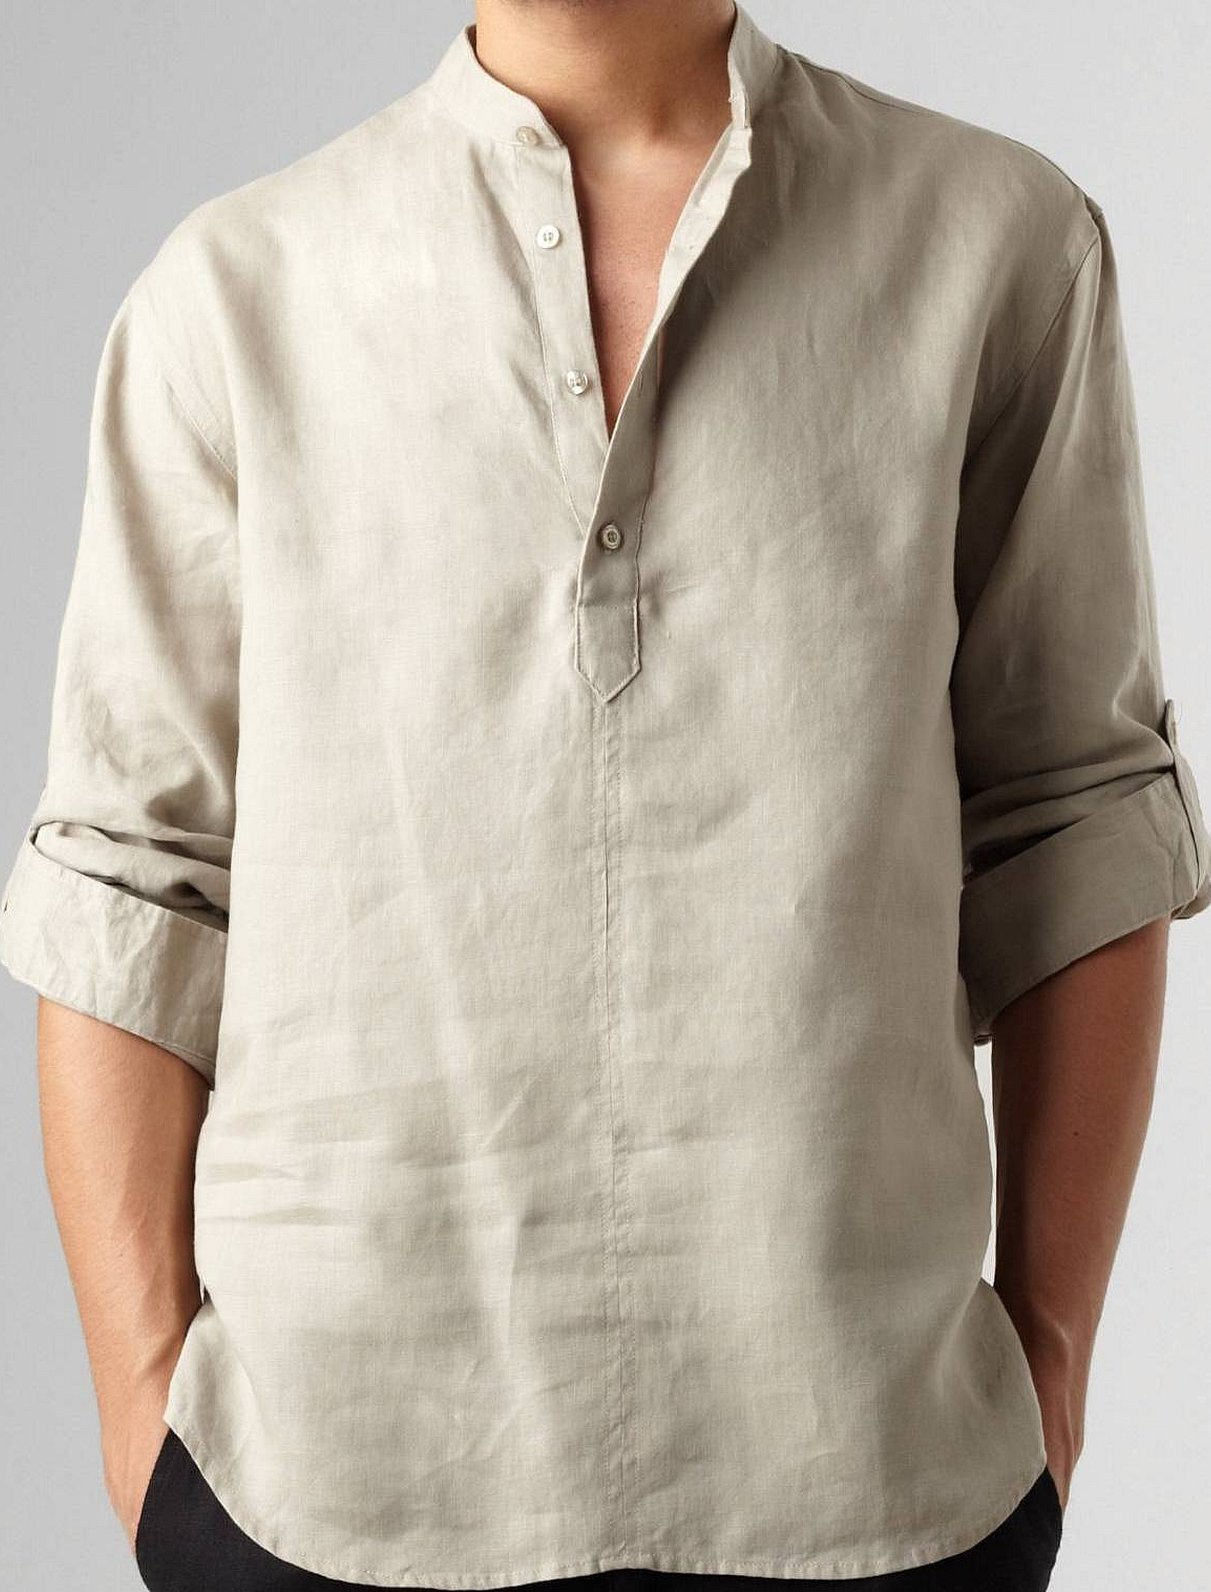 Мужская рубашка льняная свободного кроя